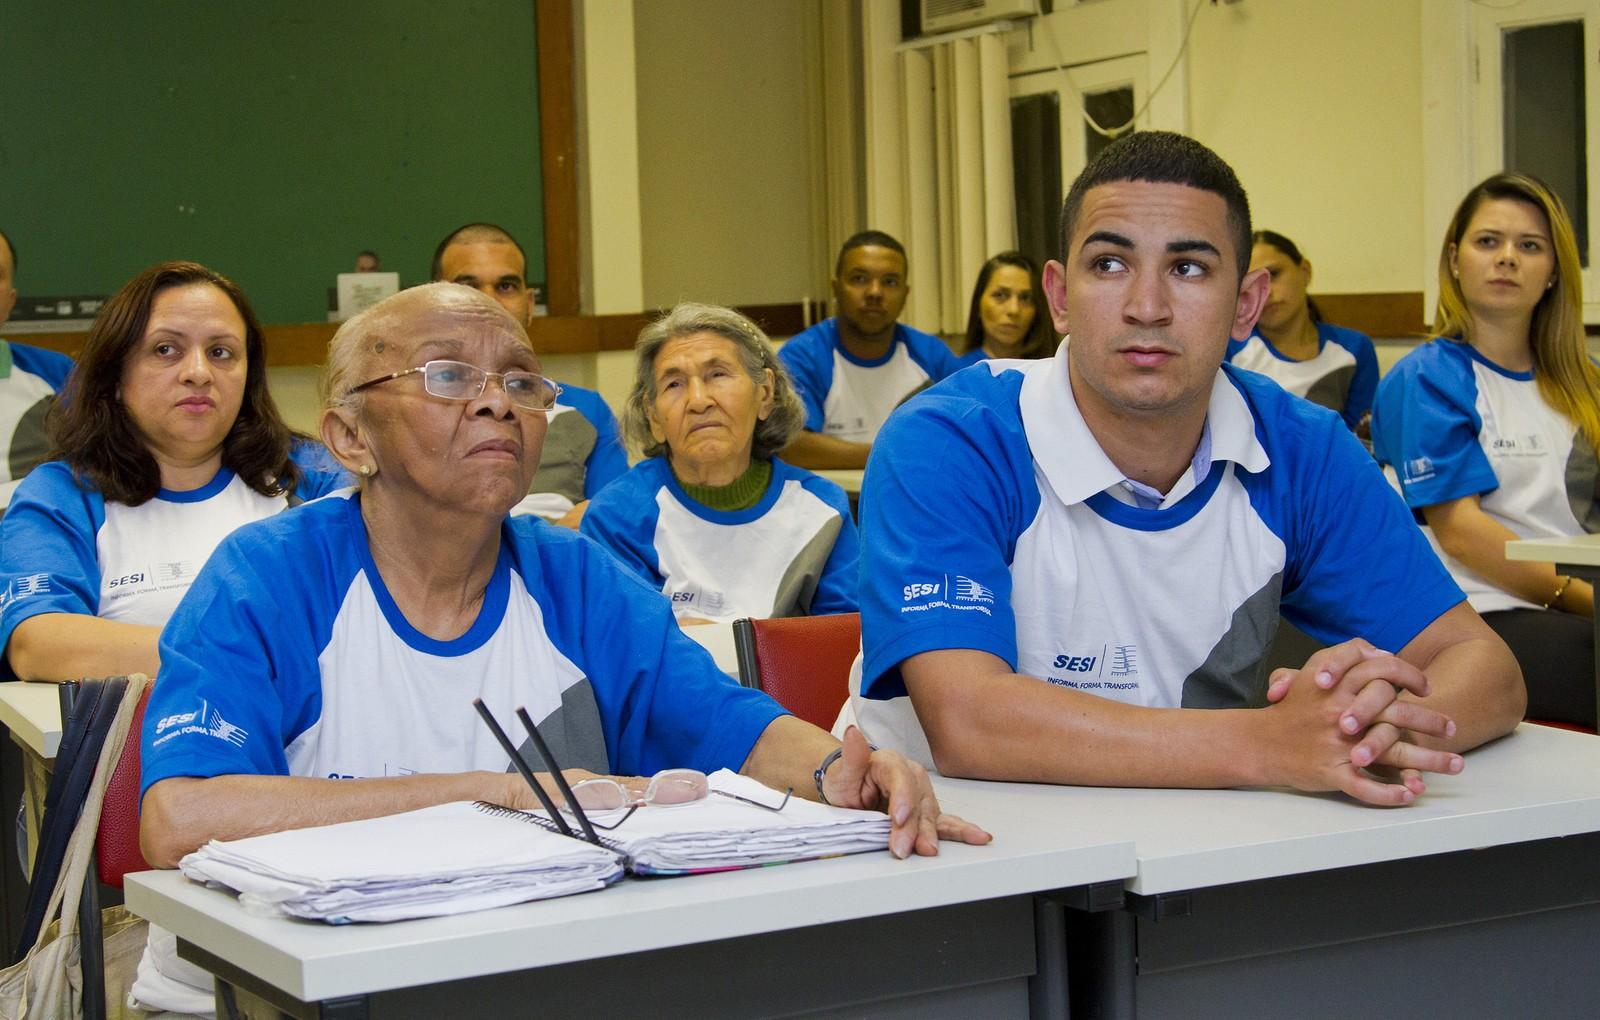 Turma de EJA em sala de aula, com estudantes jovens, adultos e idosos sentados, vestindo camisetas brancas com golas e mangas azuis, do SESI.